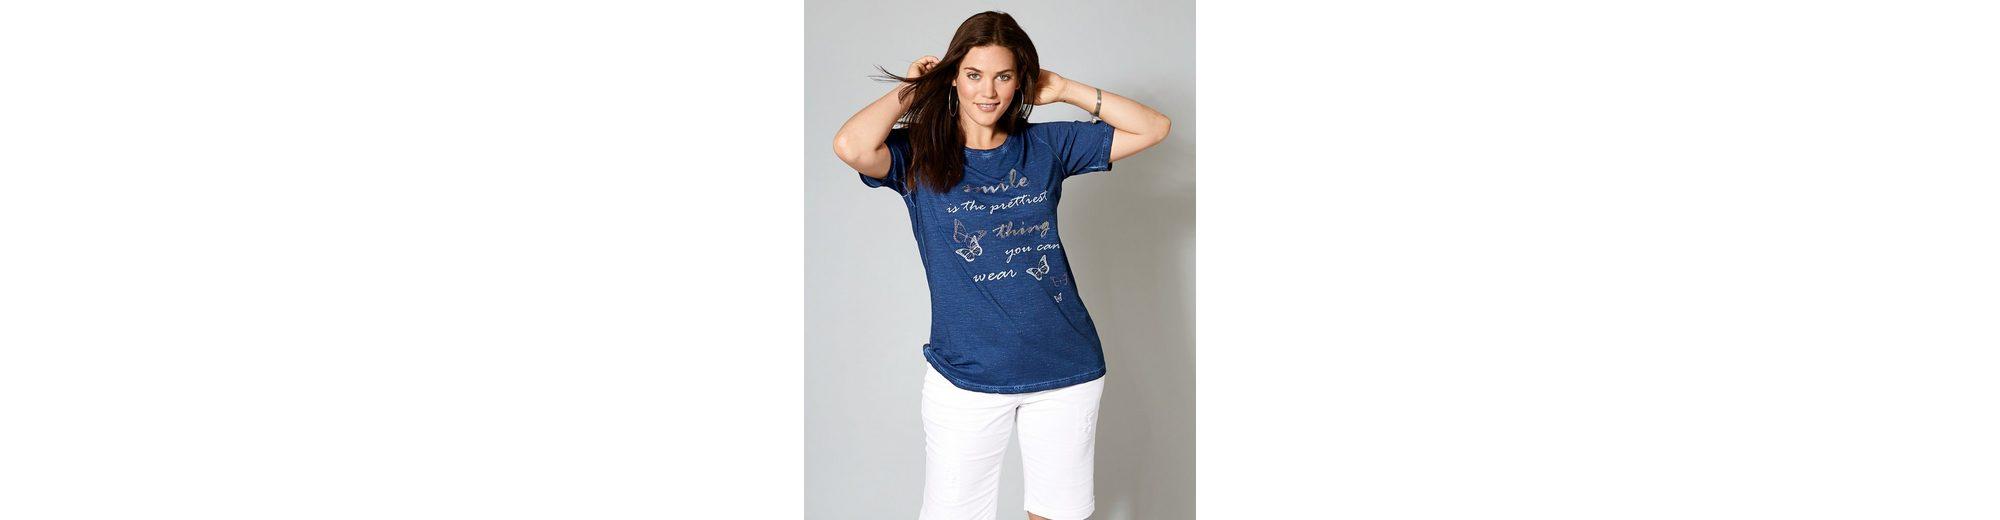 Offizielle Seite Verkauf Online Janet und Joyce by Happy Size Shirt oil wash mit Pailletten Neuesten Kollektionen Günstig Online Günstiger Online-Shop Günstig Kaufen Mit Mastercard Limitierte Auflage Online-Verkauf 1KLgEYiM